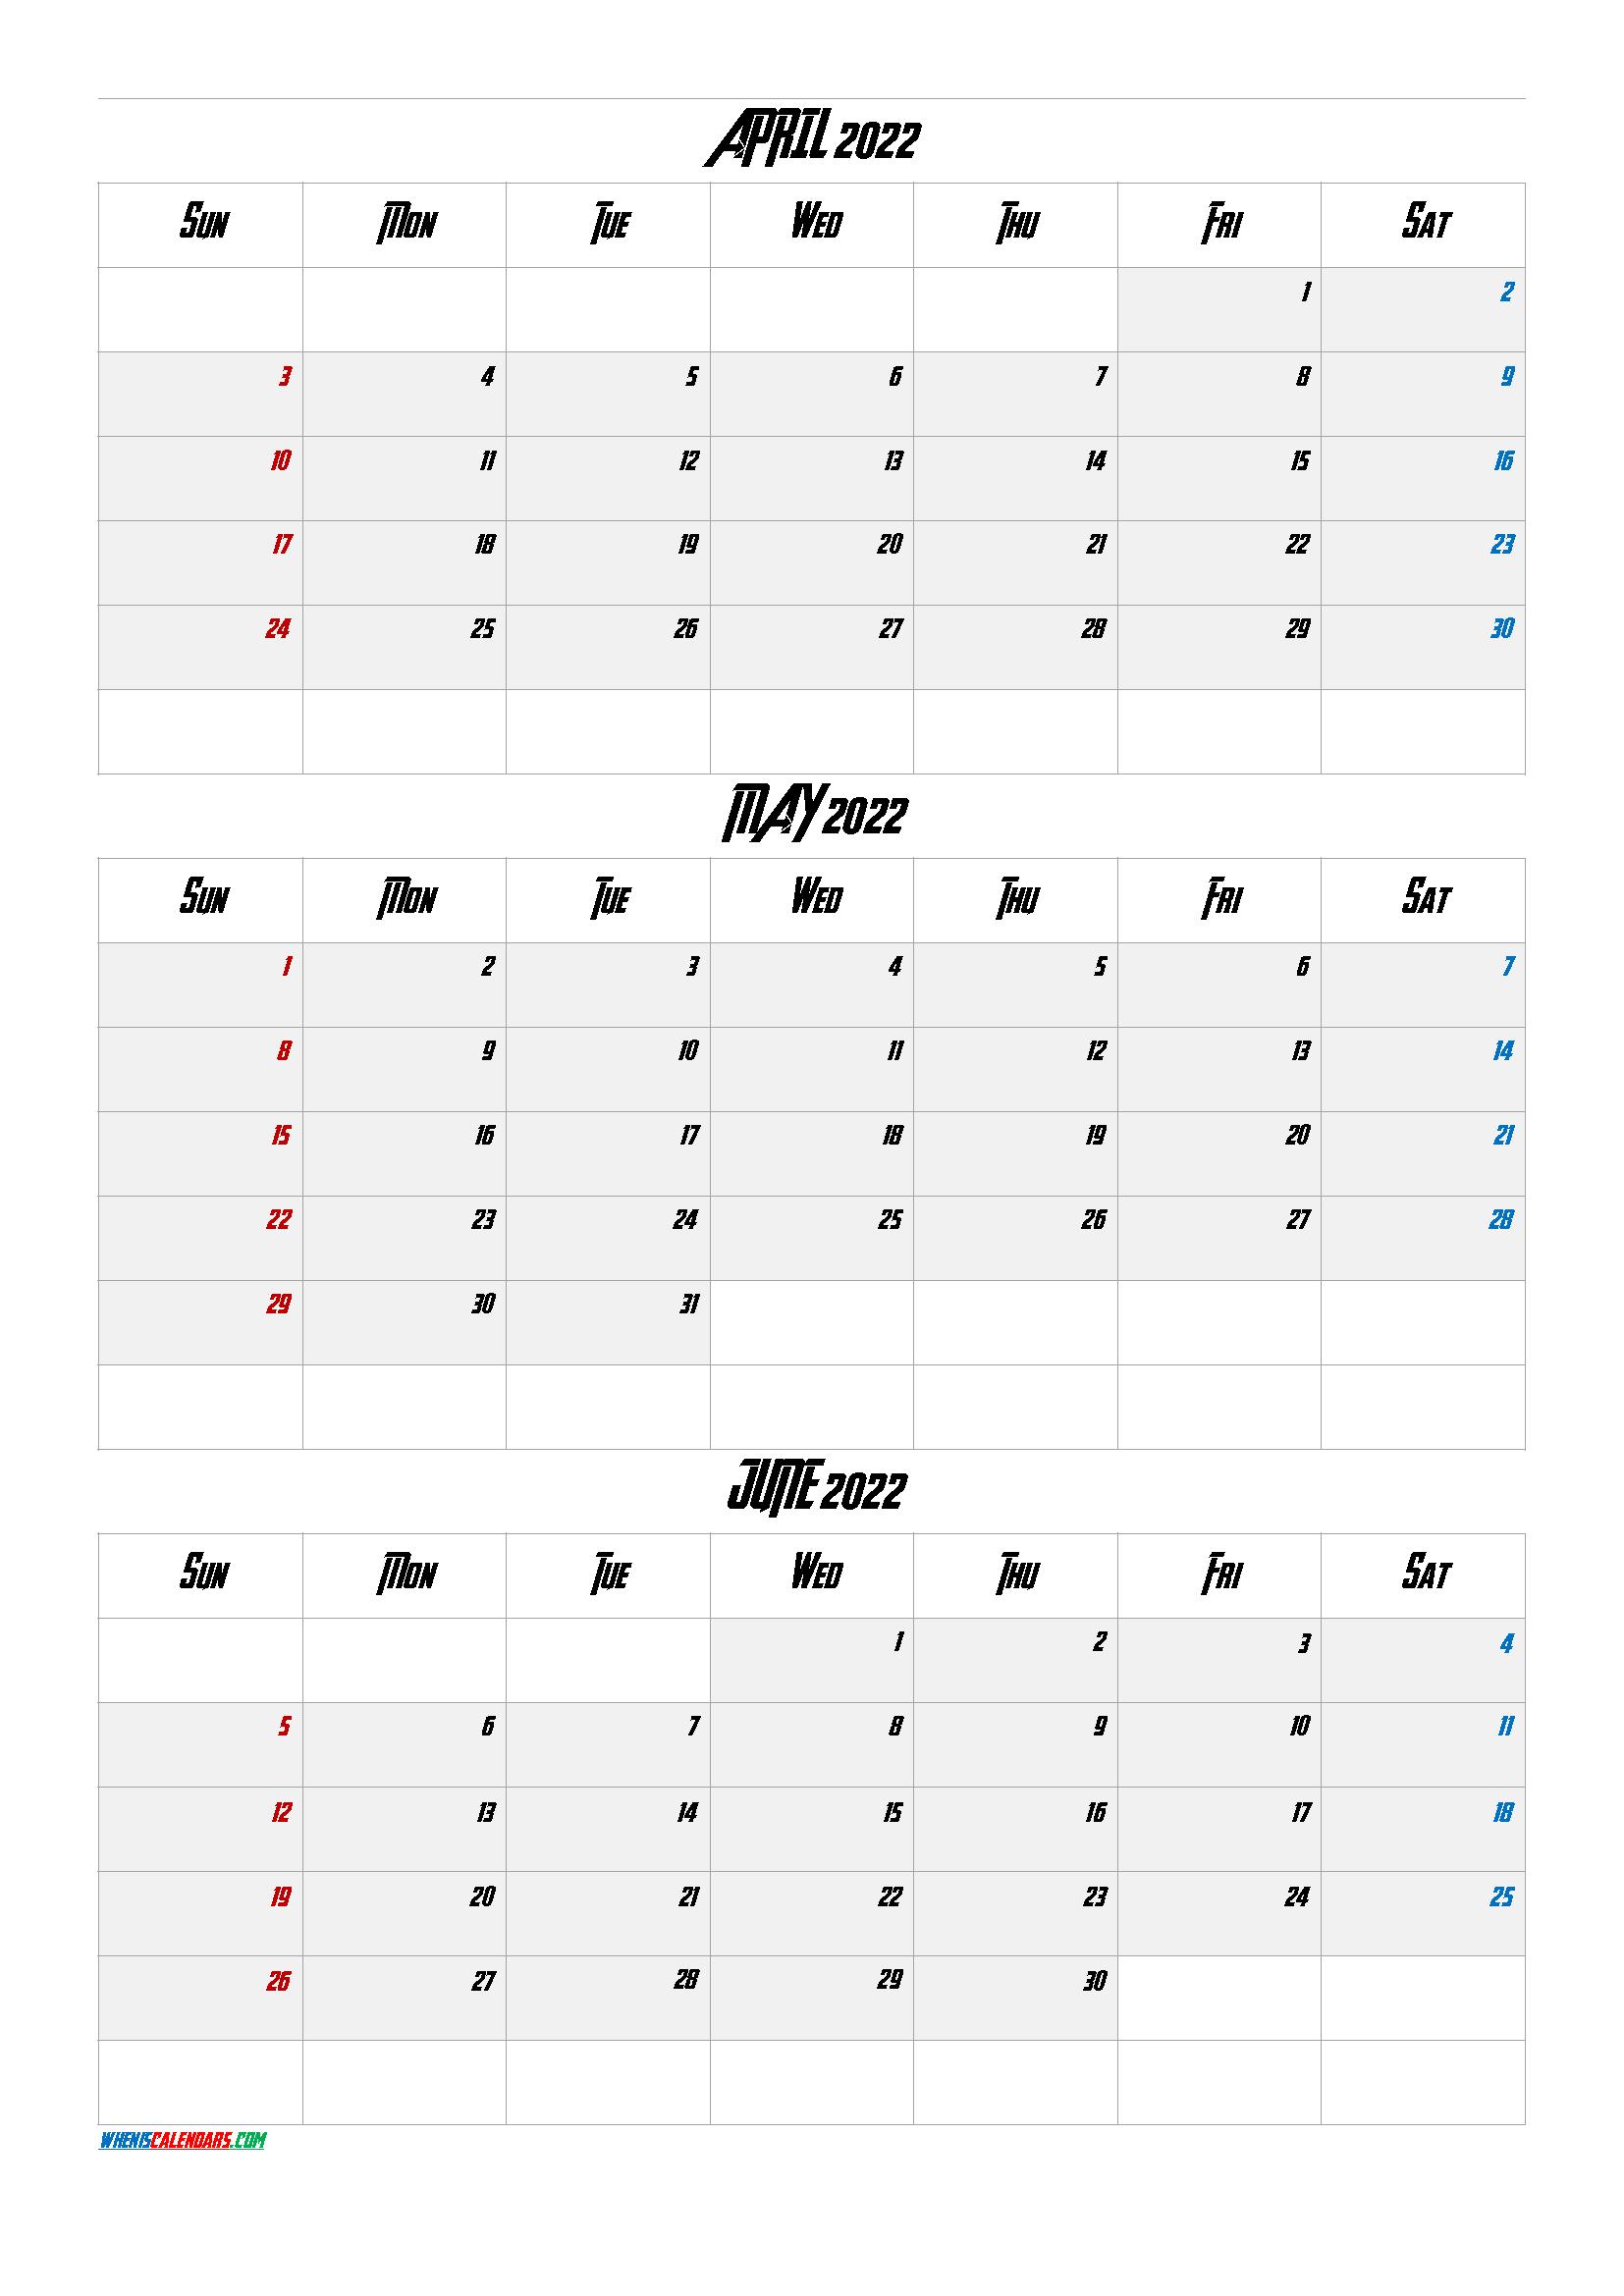 April May June 2022 Calendar Printable Free [Q1 Q2 Q3 Q4